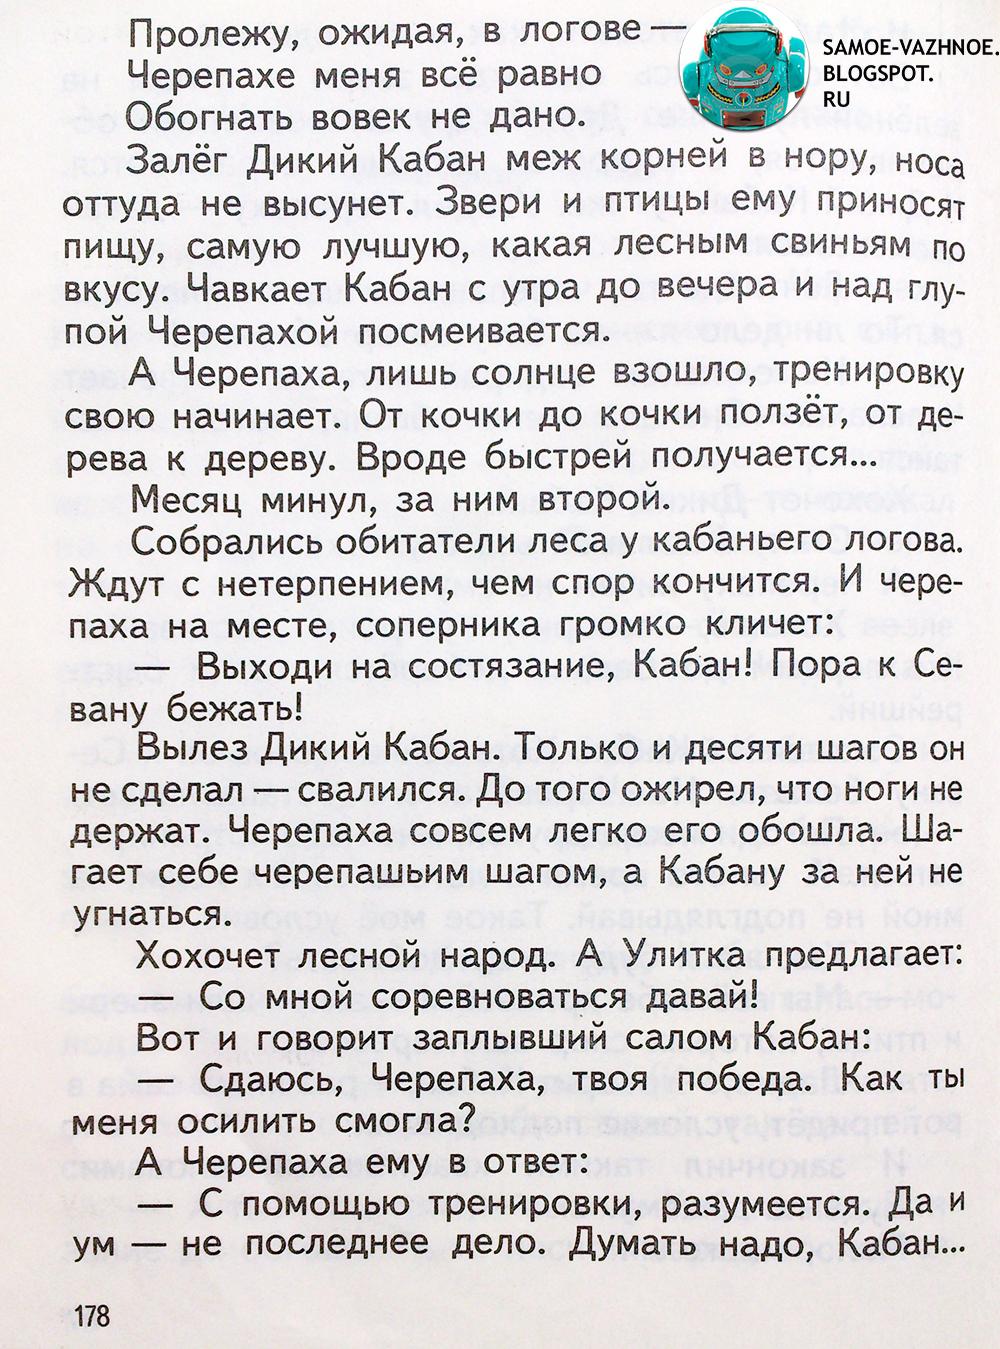 М Корюн Как черепаха с кабаном состязалась (армянская сказка) читать онлайн учебник